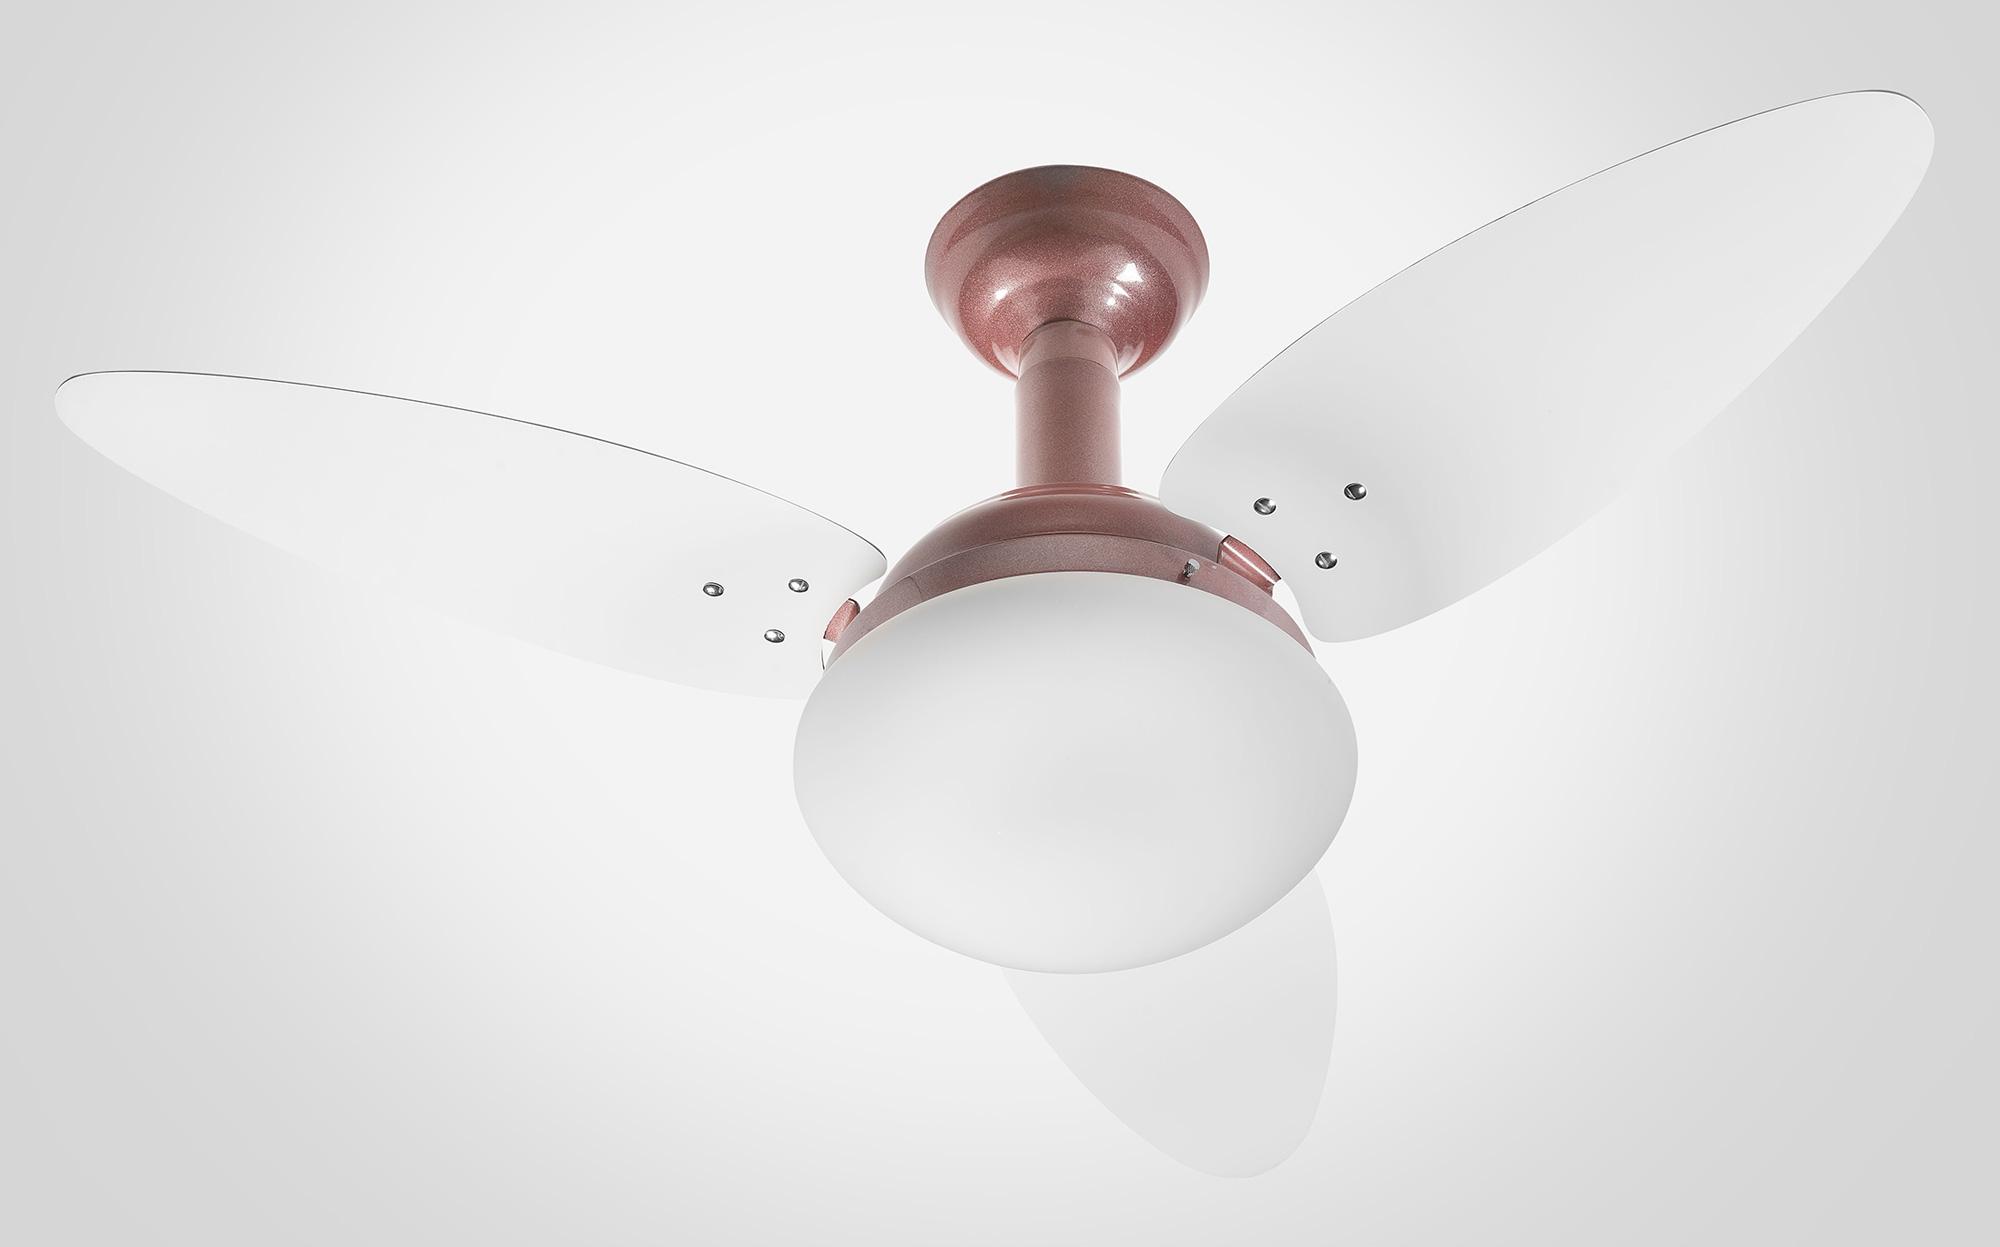 Ventilador de Teto Jet Venti-delta Rosê 3Pás Brancas 110V+Controle Rem.